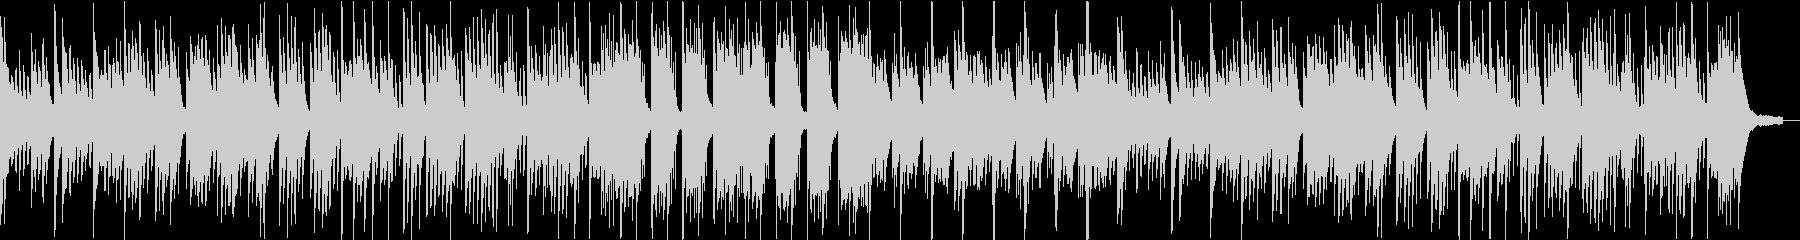 インパクトの少ないピアノ曲の未再生の波形